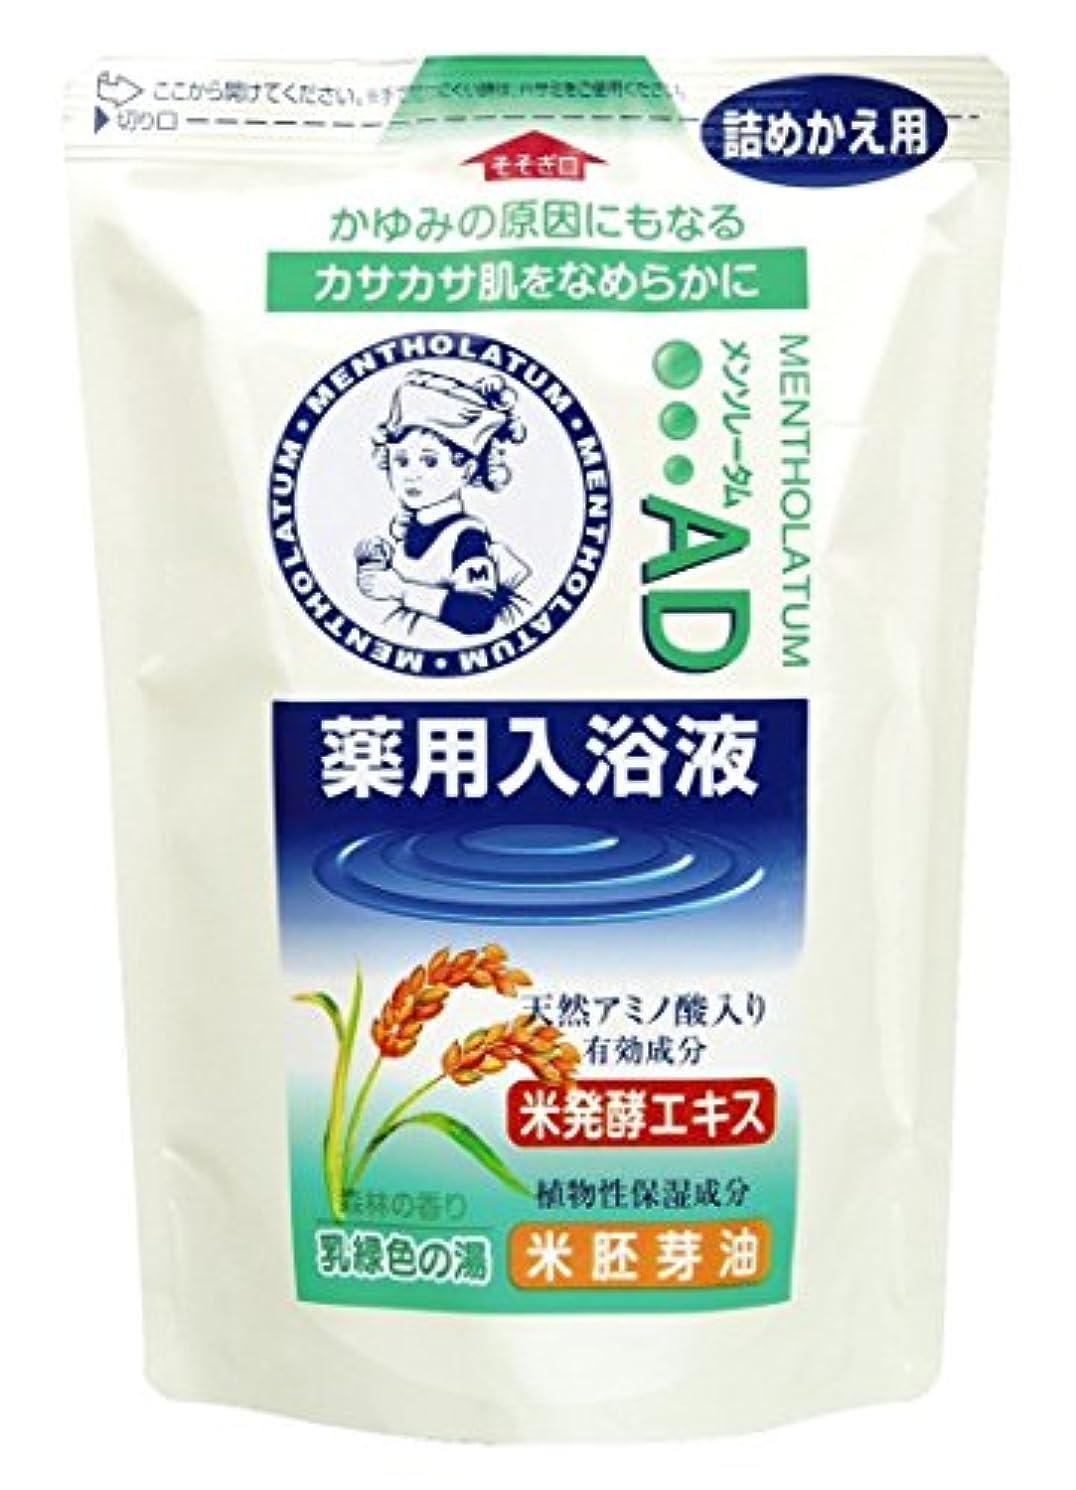 汚れた高度なストライドメンソレータムAD薬用入浴液 やすらぐ森林の香り(詰替用) 600ml